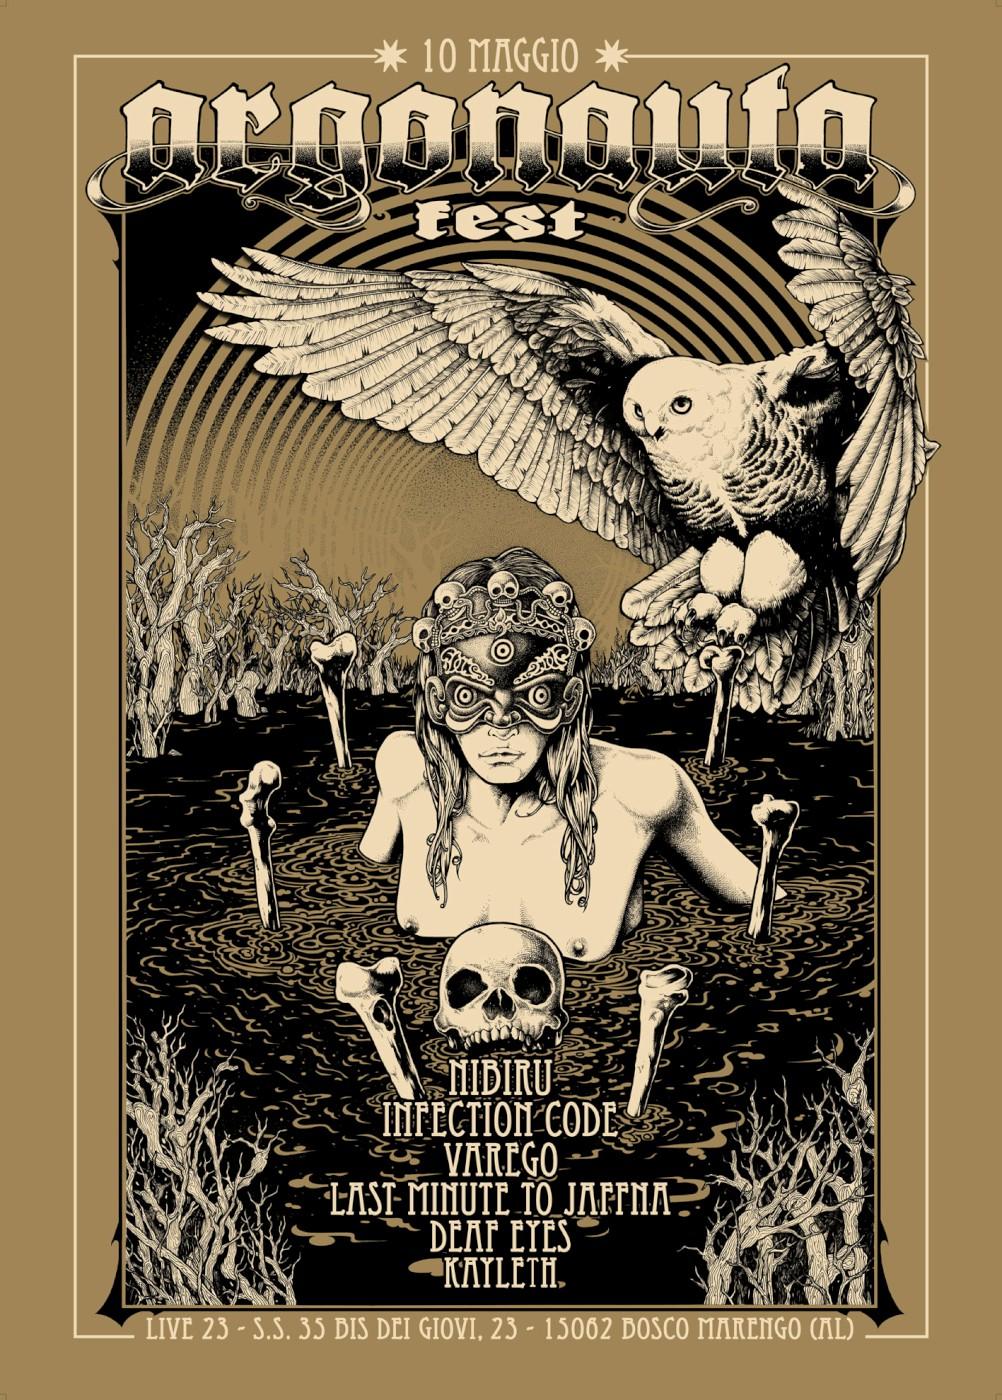 argonauta fest 2015 poster